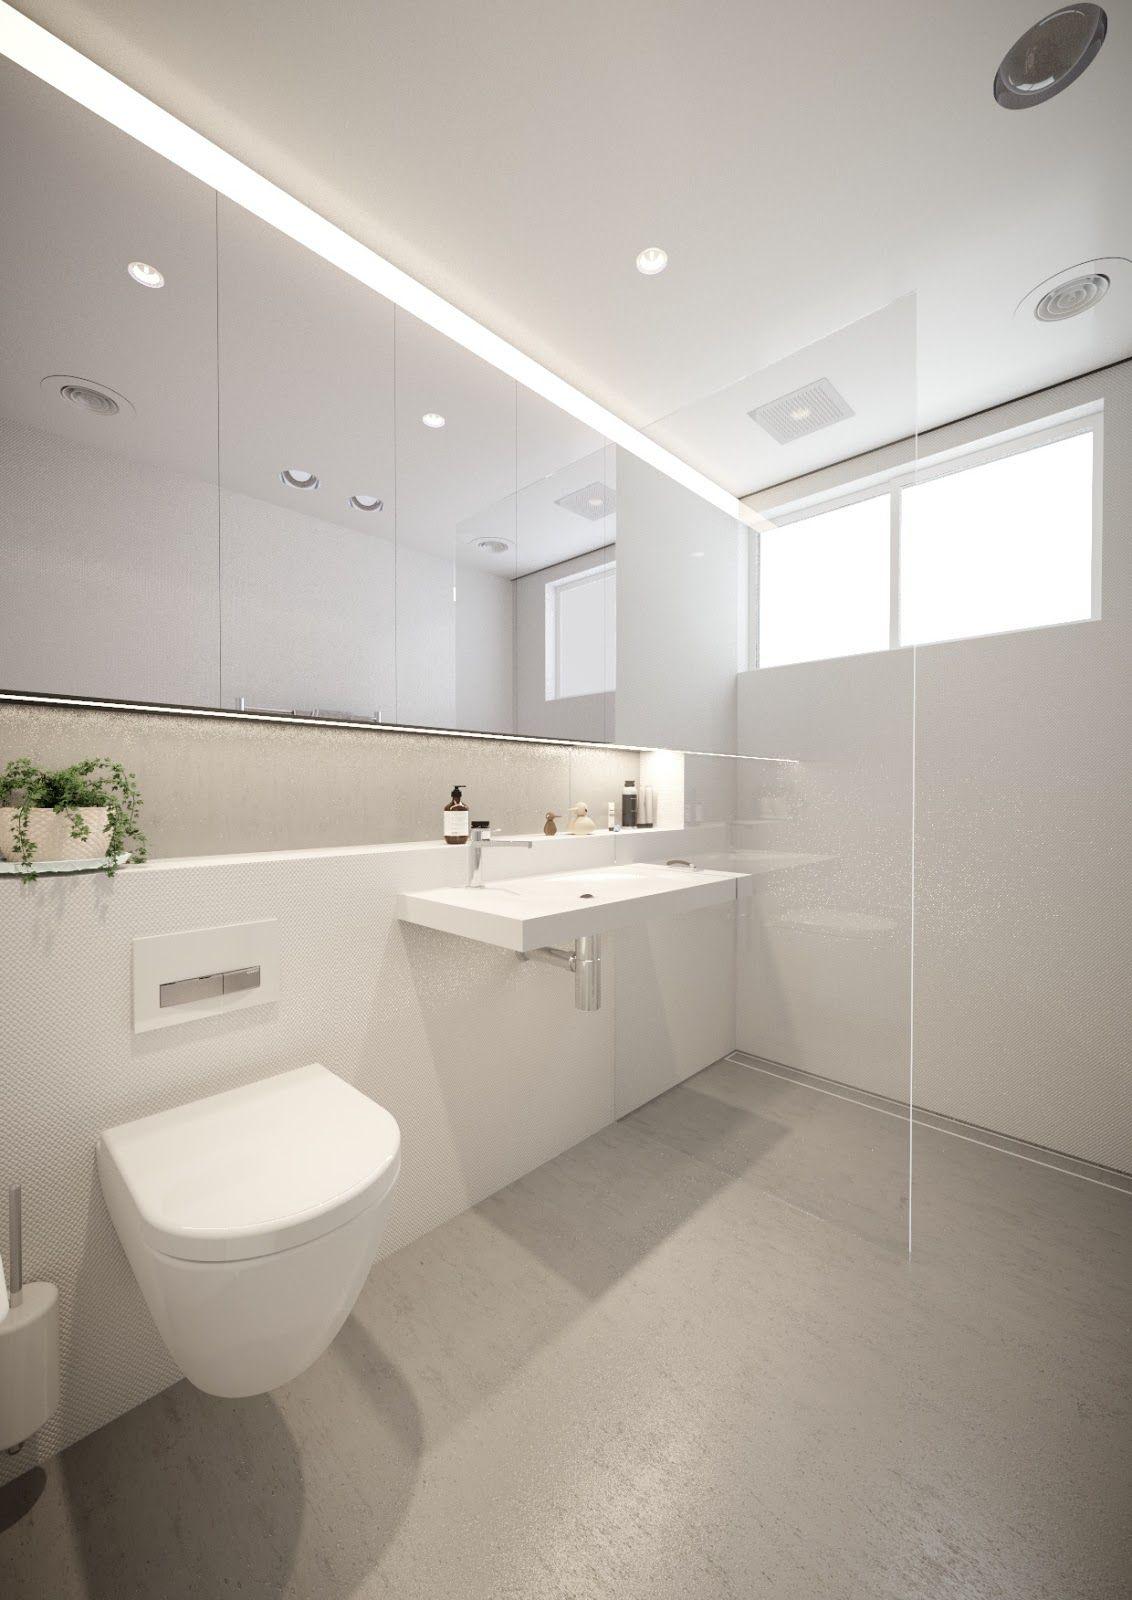 Modern kitchen and bathroom design solutionsard winning design